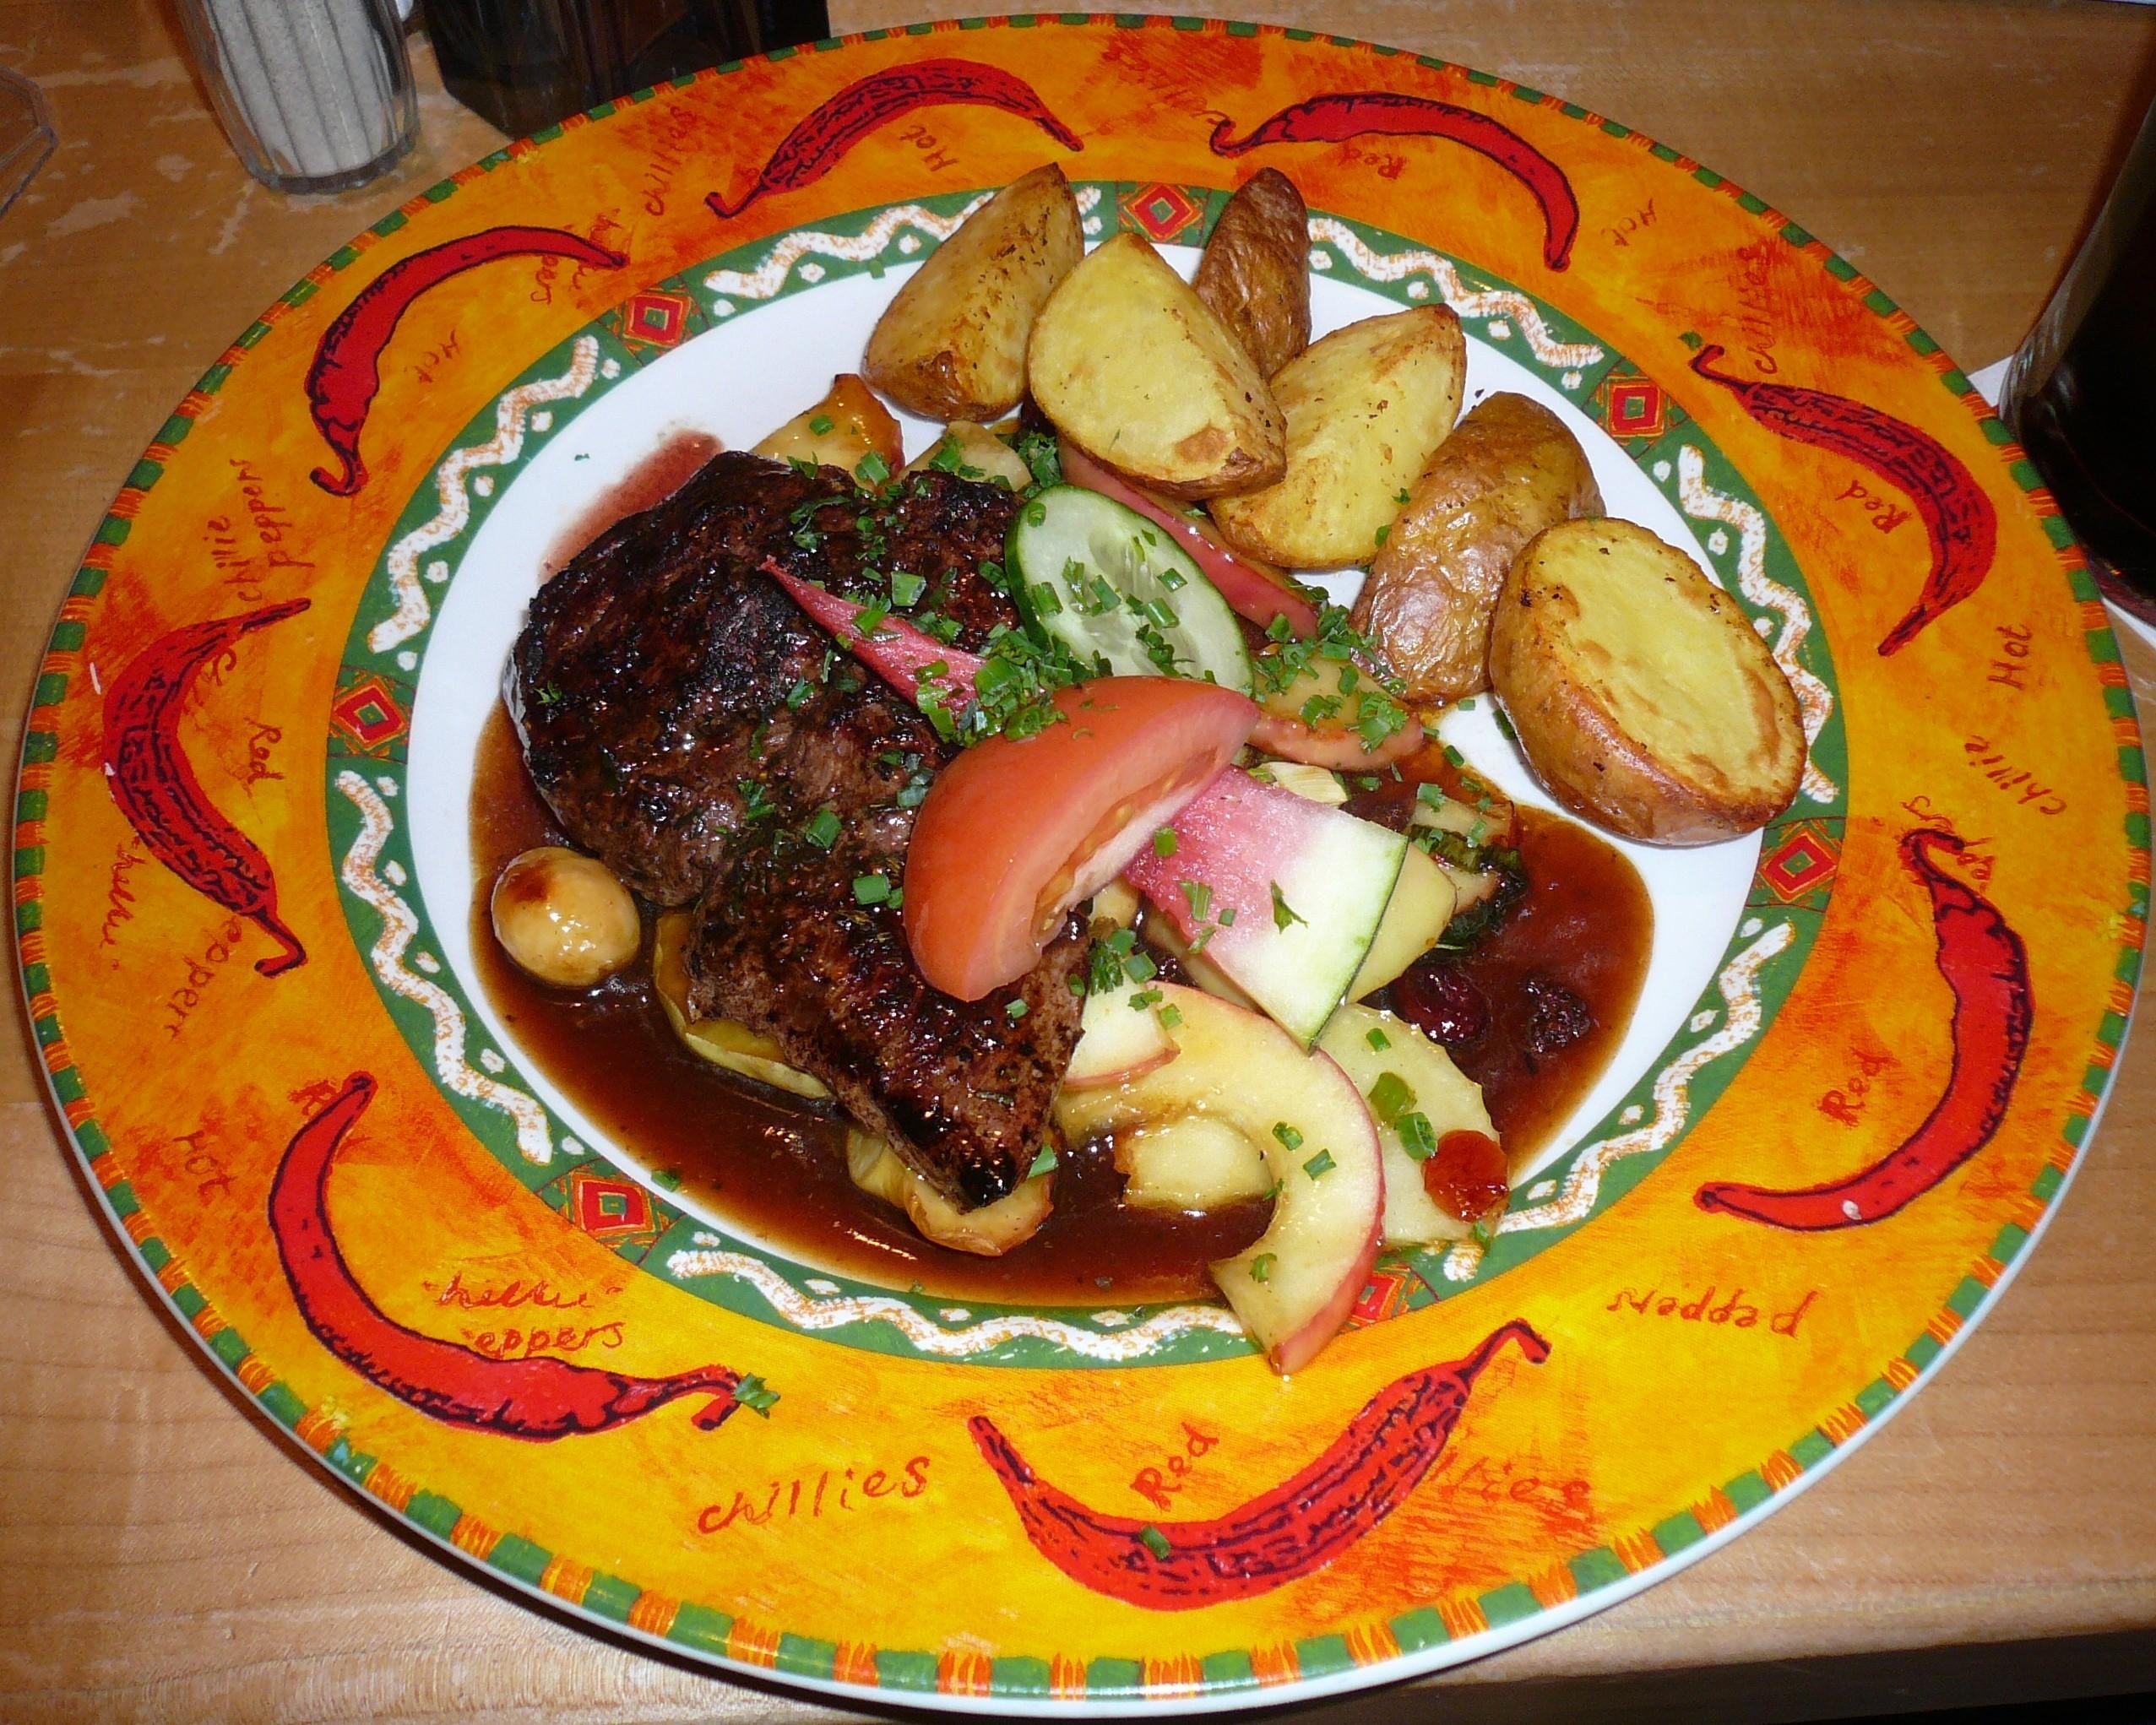 almuerzo tipico de francia algunos platos de la gastronom a australiana gmr idiomas